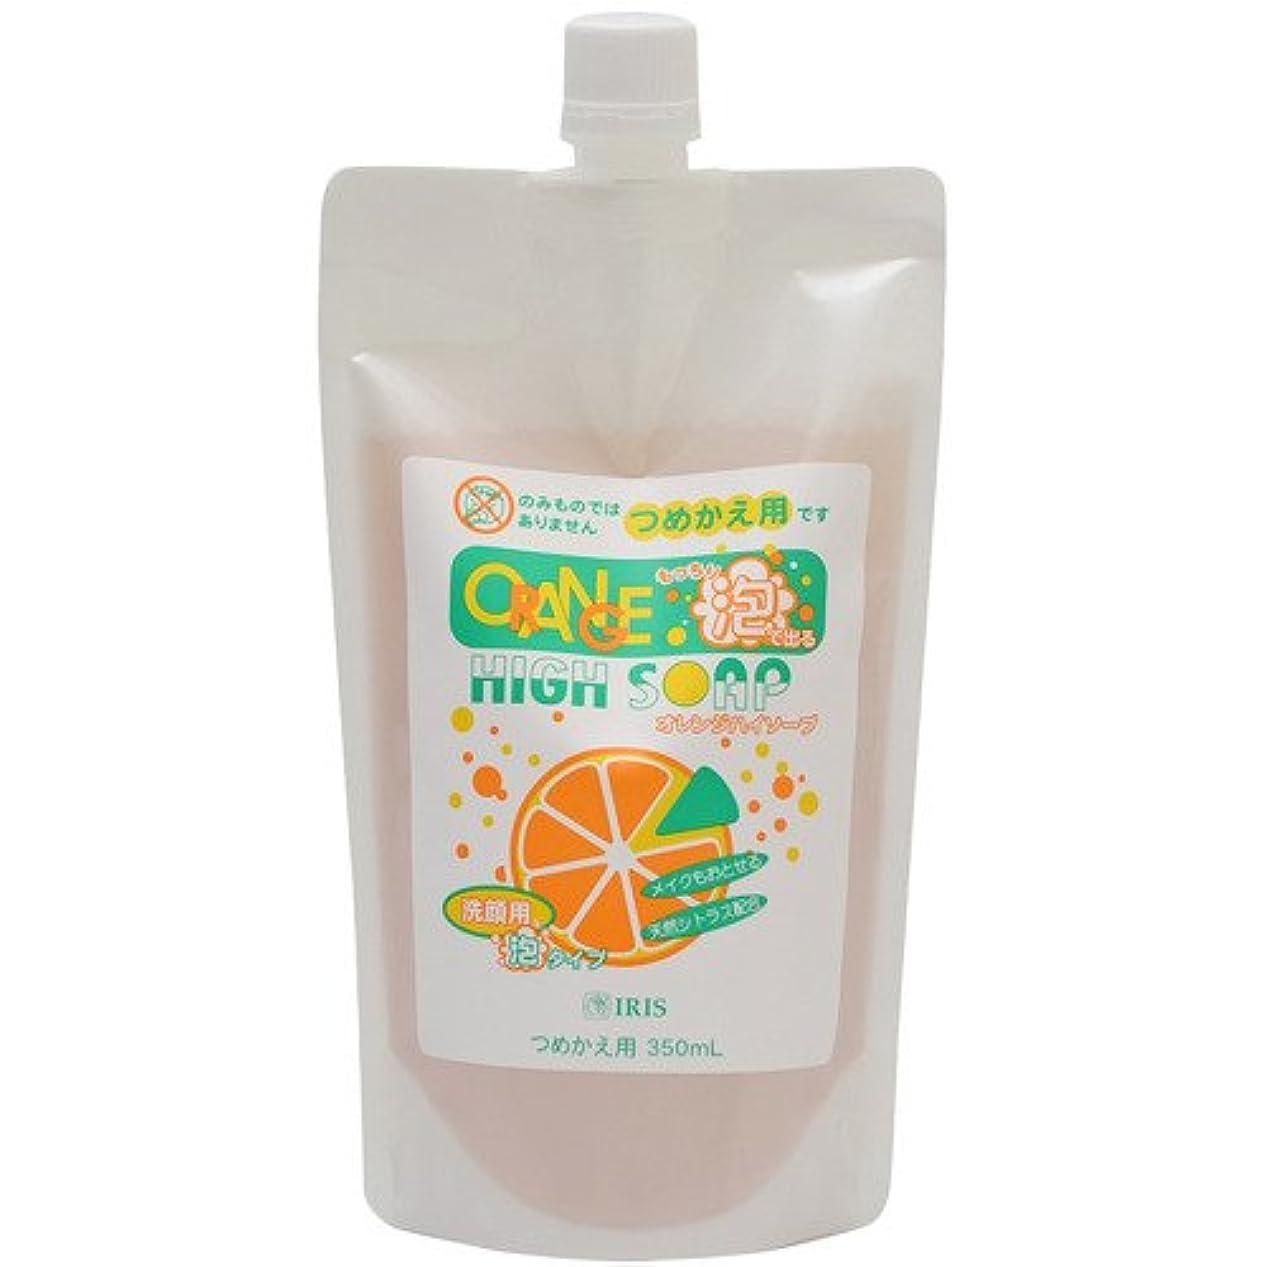 スピン怠な松明オレンジハイソープ 洗顔用 泡タイプ ポンプ式 詰替用 350ml